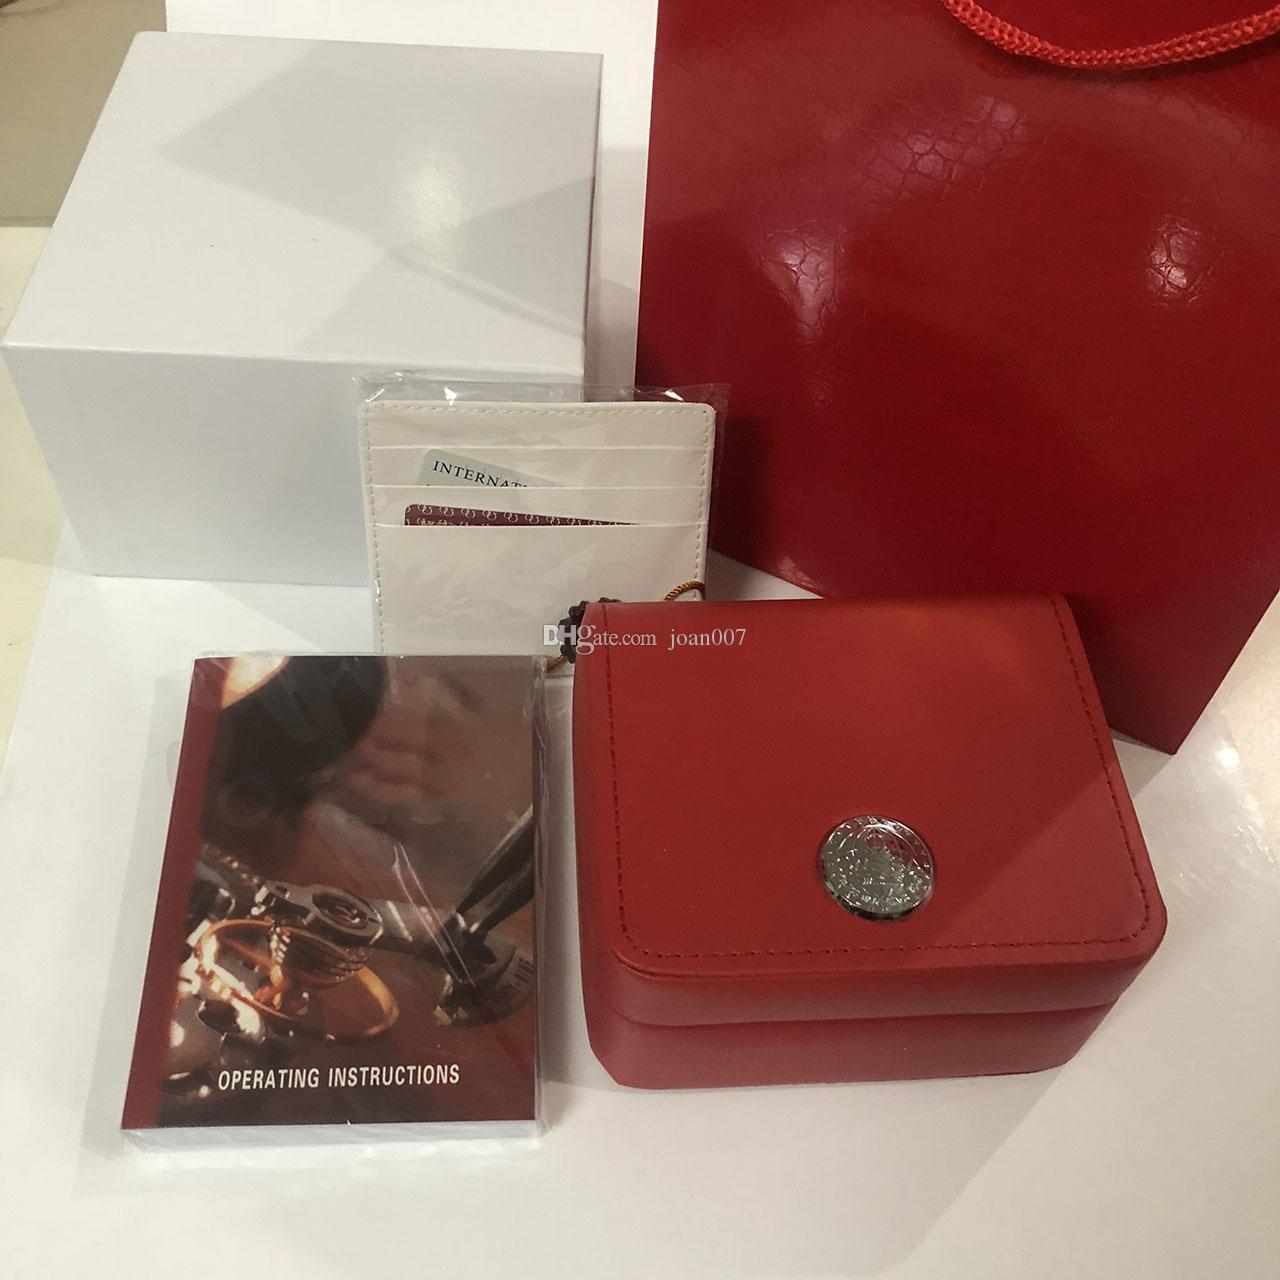 novo vermelho quadrado para omega caixa de relógio Tag cartão de livreto e papéis na caixa original A caixa Inner Outer Men relógio de pulso relógios inglês